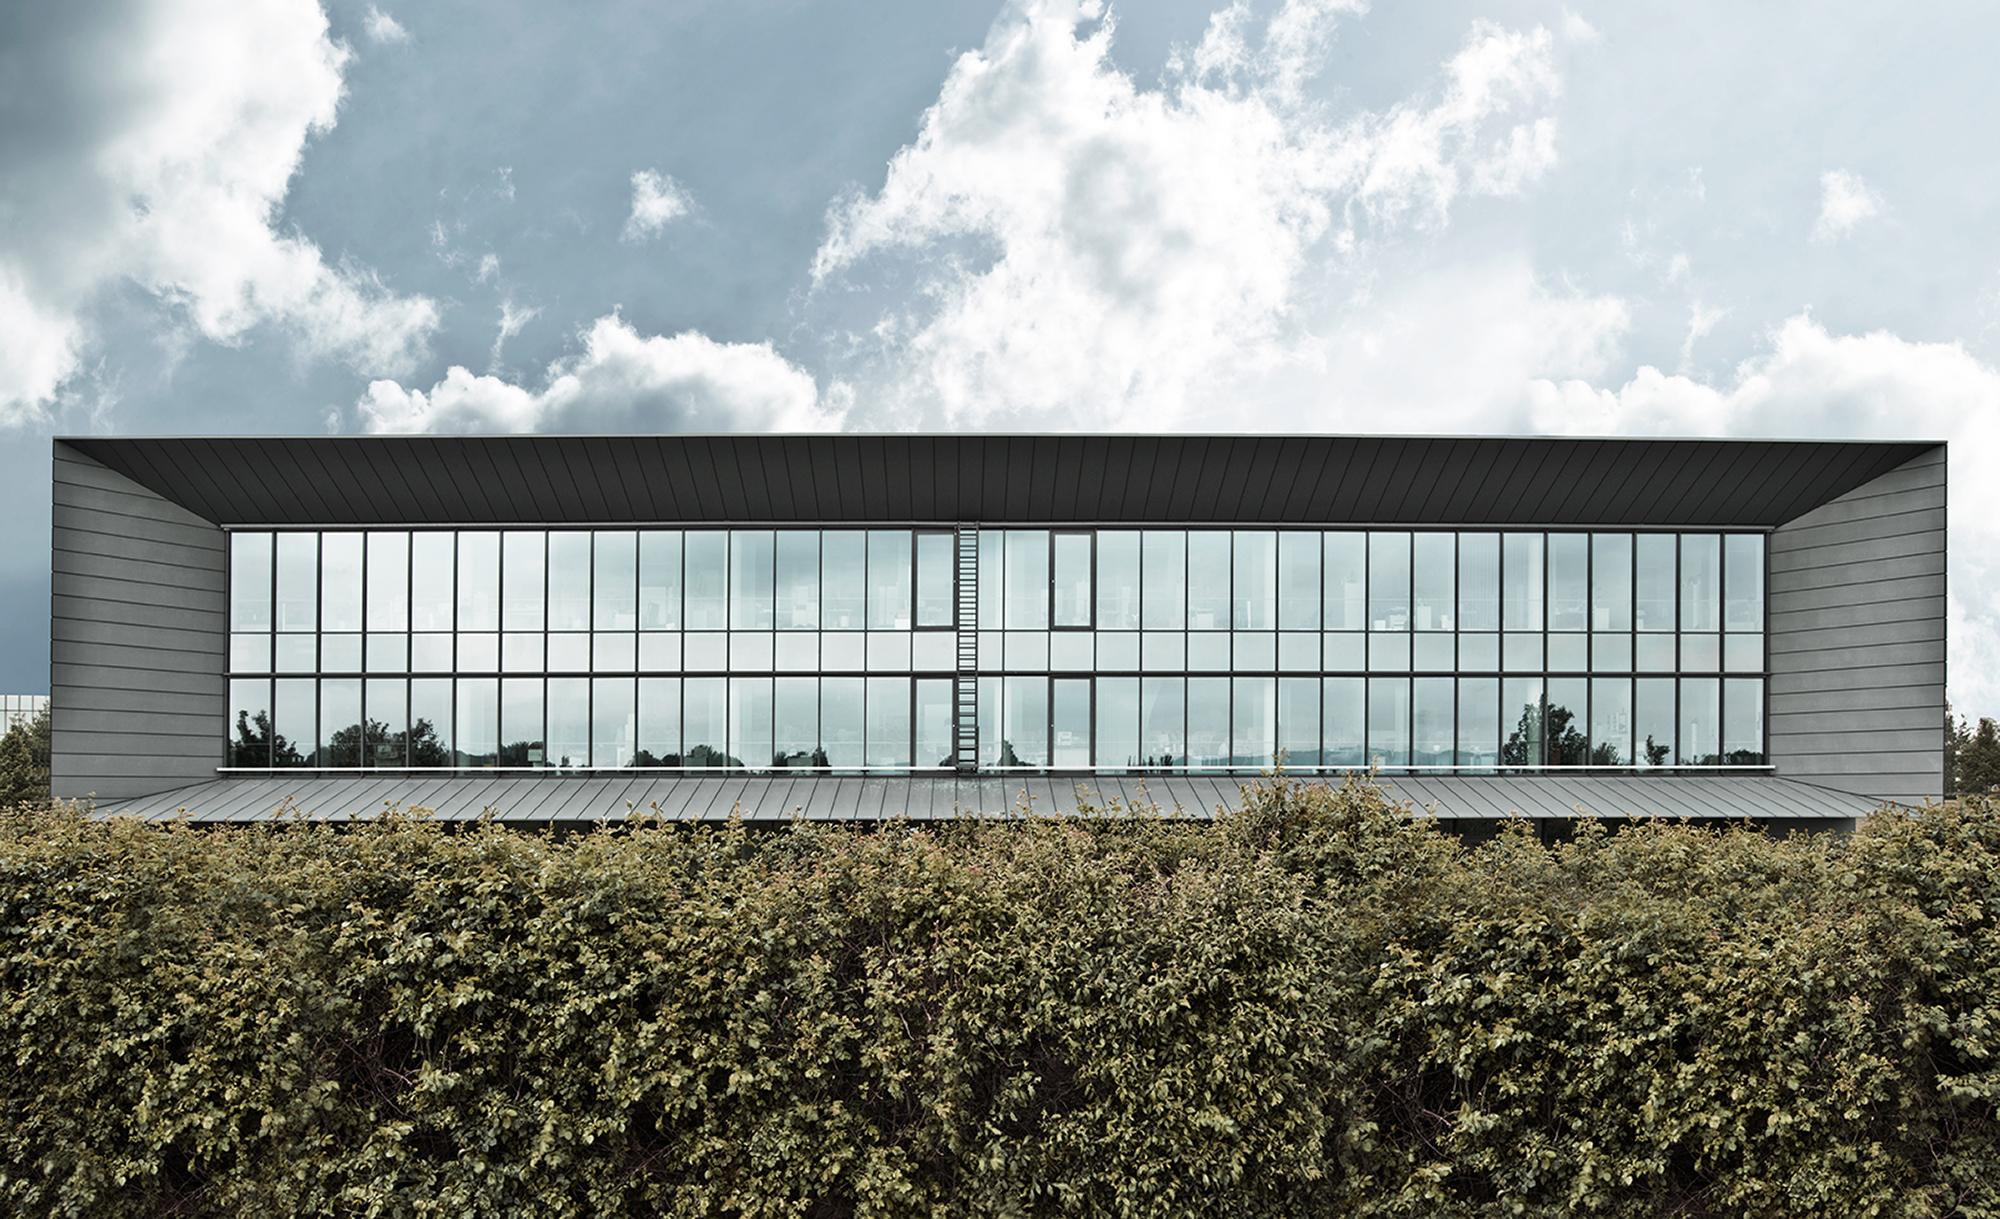 Neubau Verwaltungs Konferenz Und Laborgebaude Abbott Gmbh Co Kg Christ Christ Associated Architects Wiesbaden Architekten Baunetz Architekten Profil Baunetz Architekten De